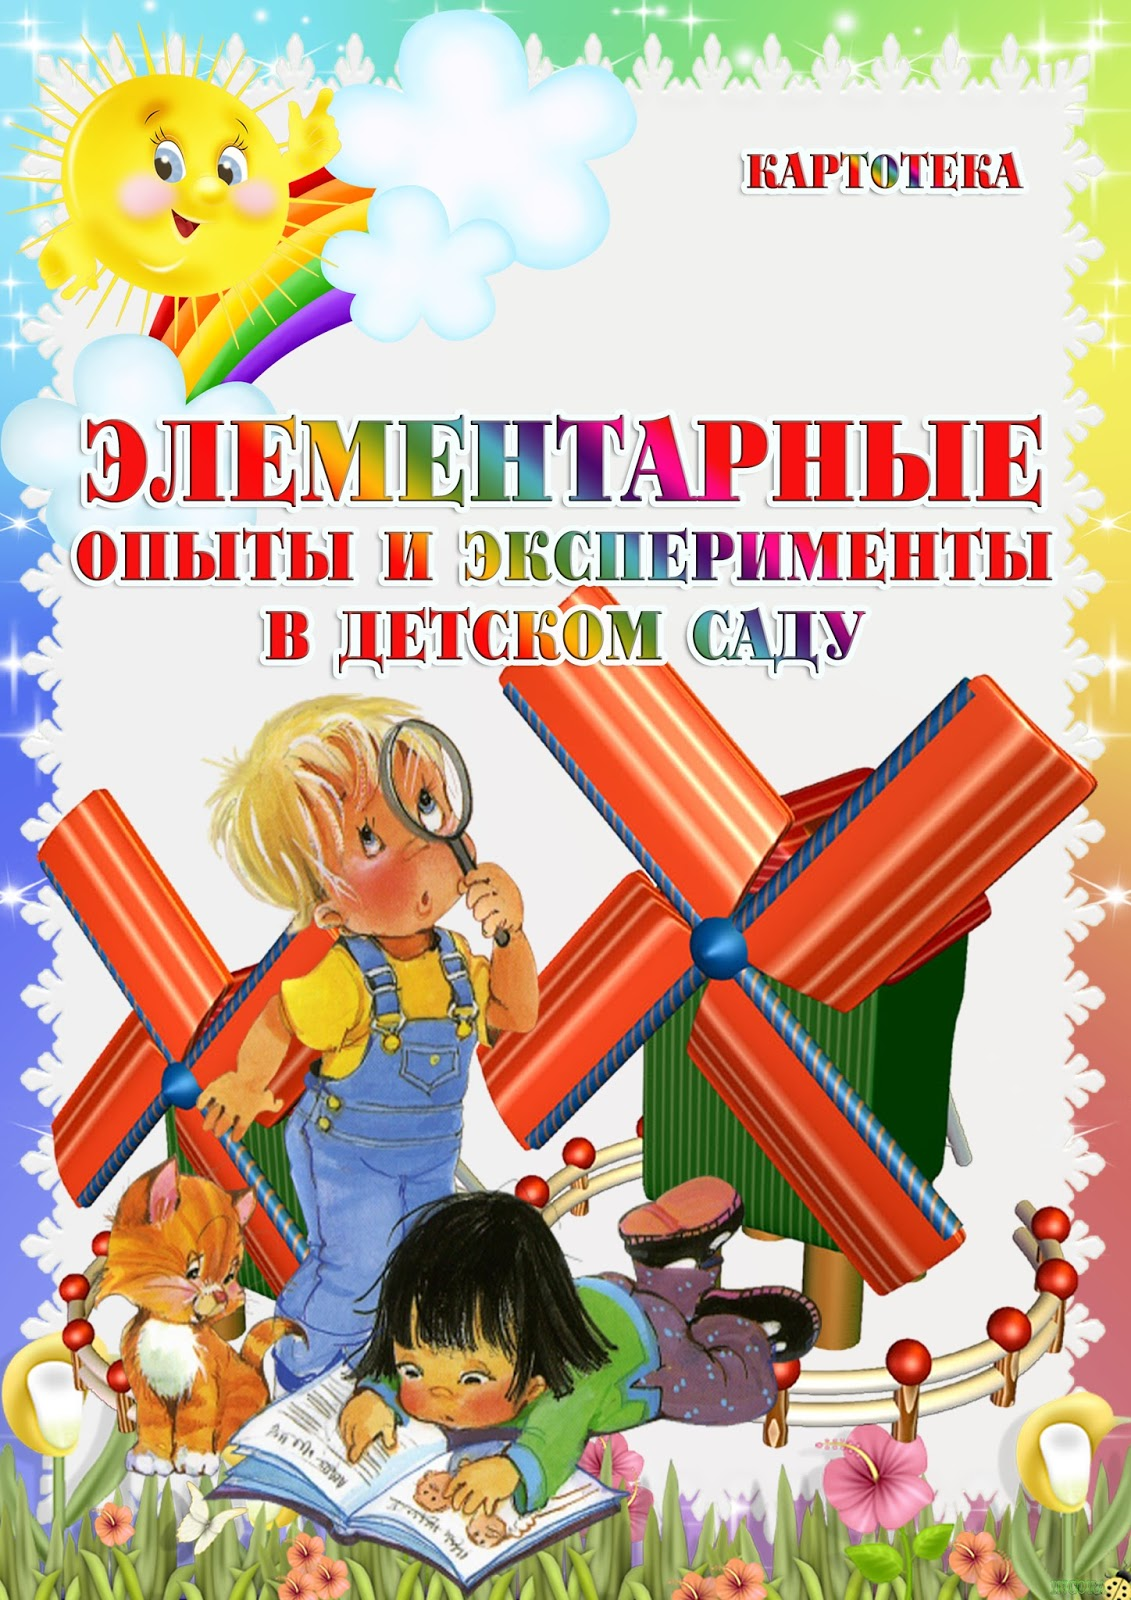 Схема экспериментов в детском саду фото 548